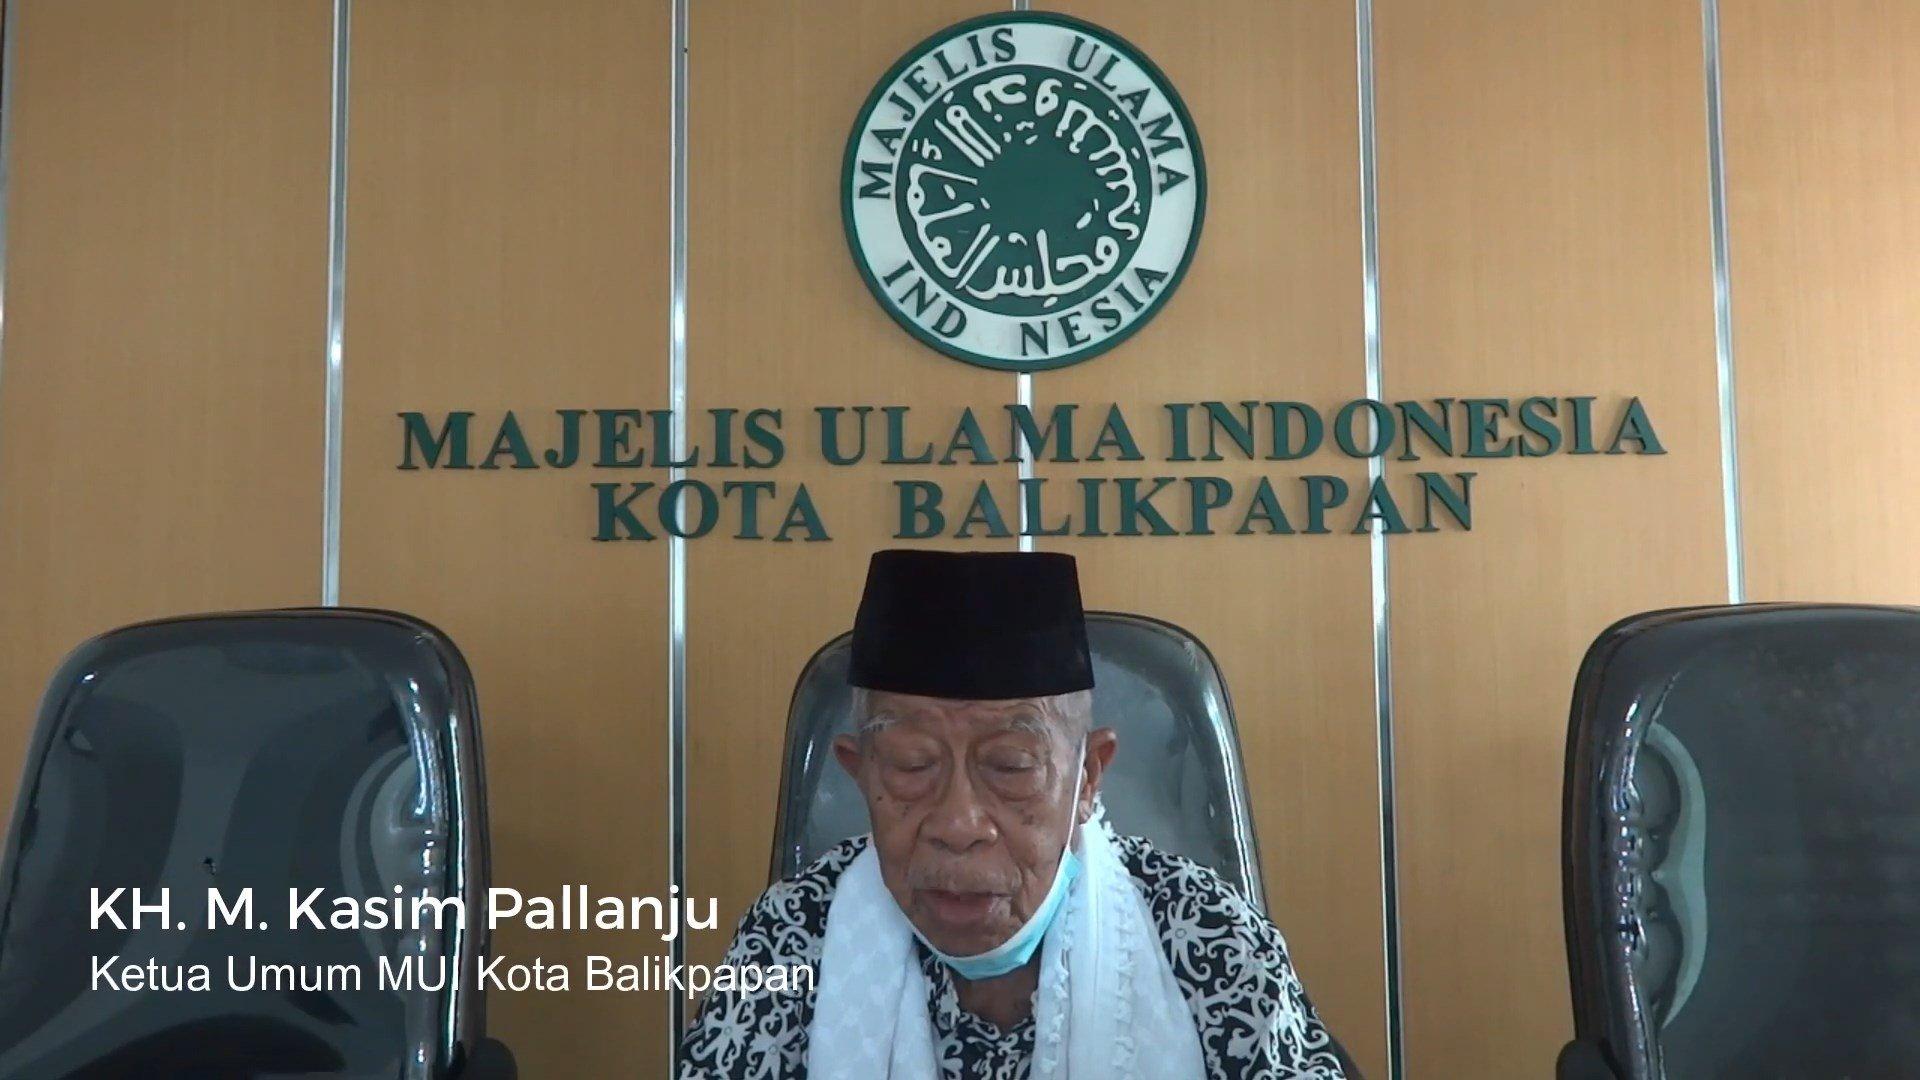 Ketua Umum MUI Kota Balikpapan KH Muhammad Kasim Pallanju mengucapkan selamat dan sukses MUNAS IX LDII di Jakarta, 7-8 April 2021.